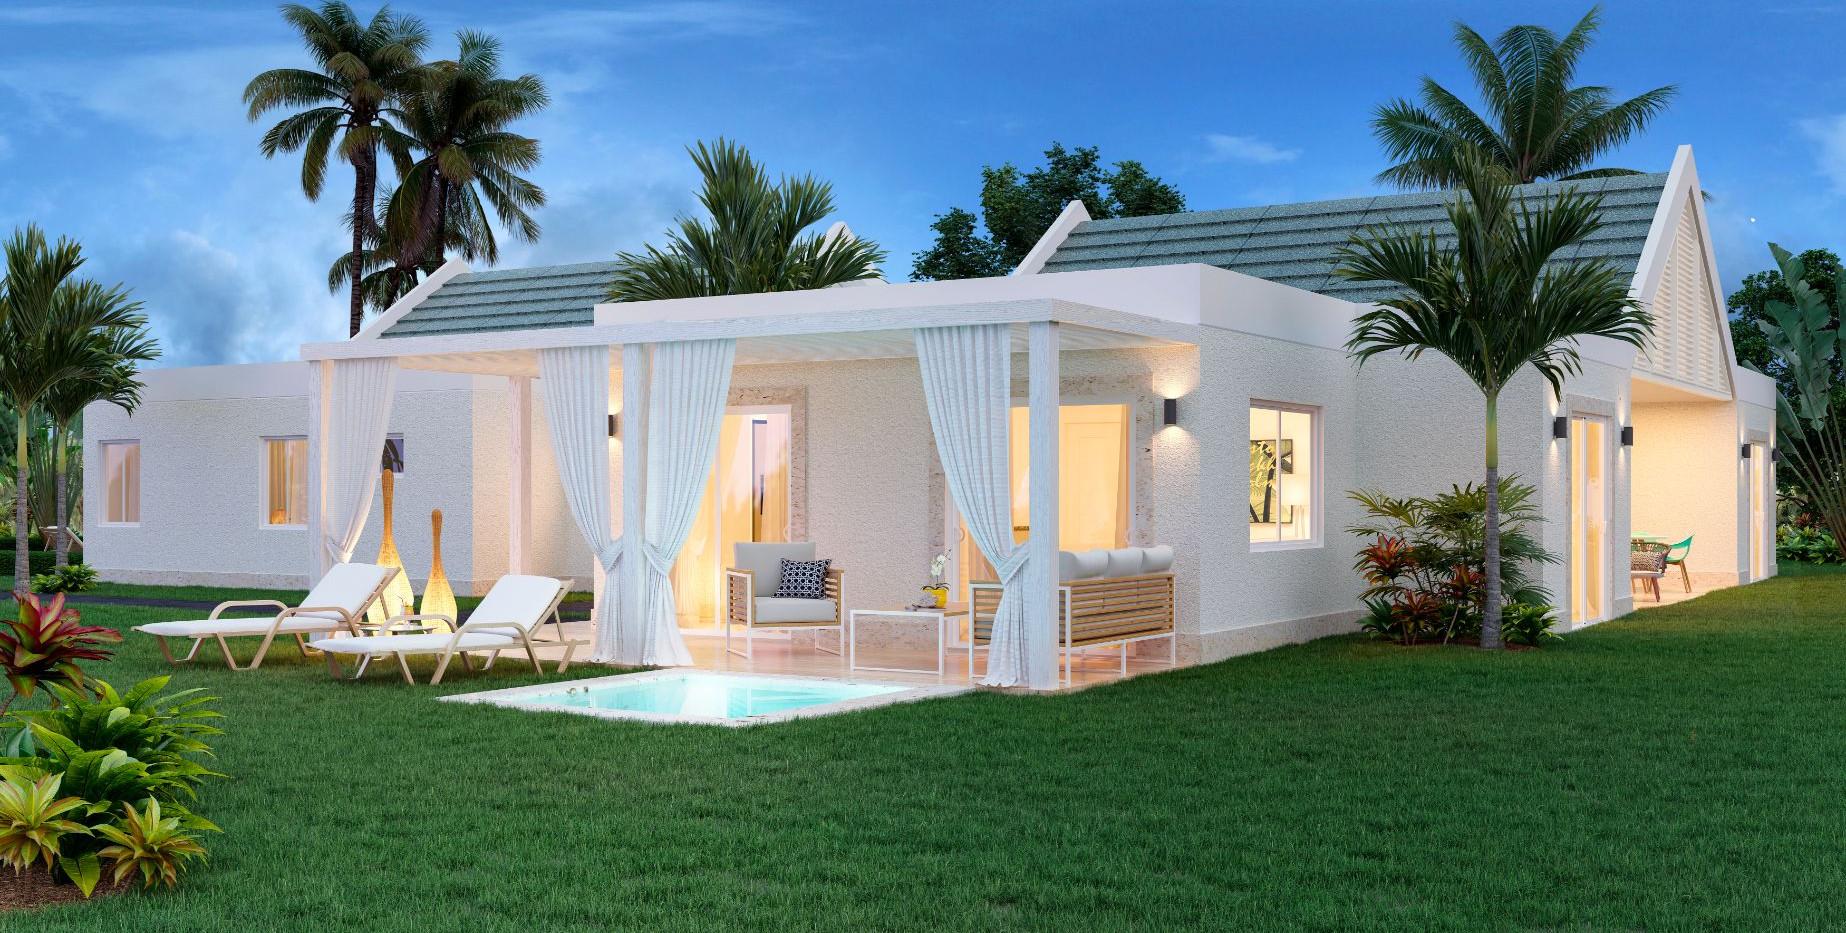 villa exterior1.jpg